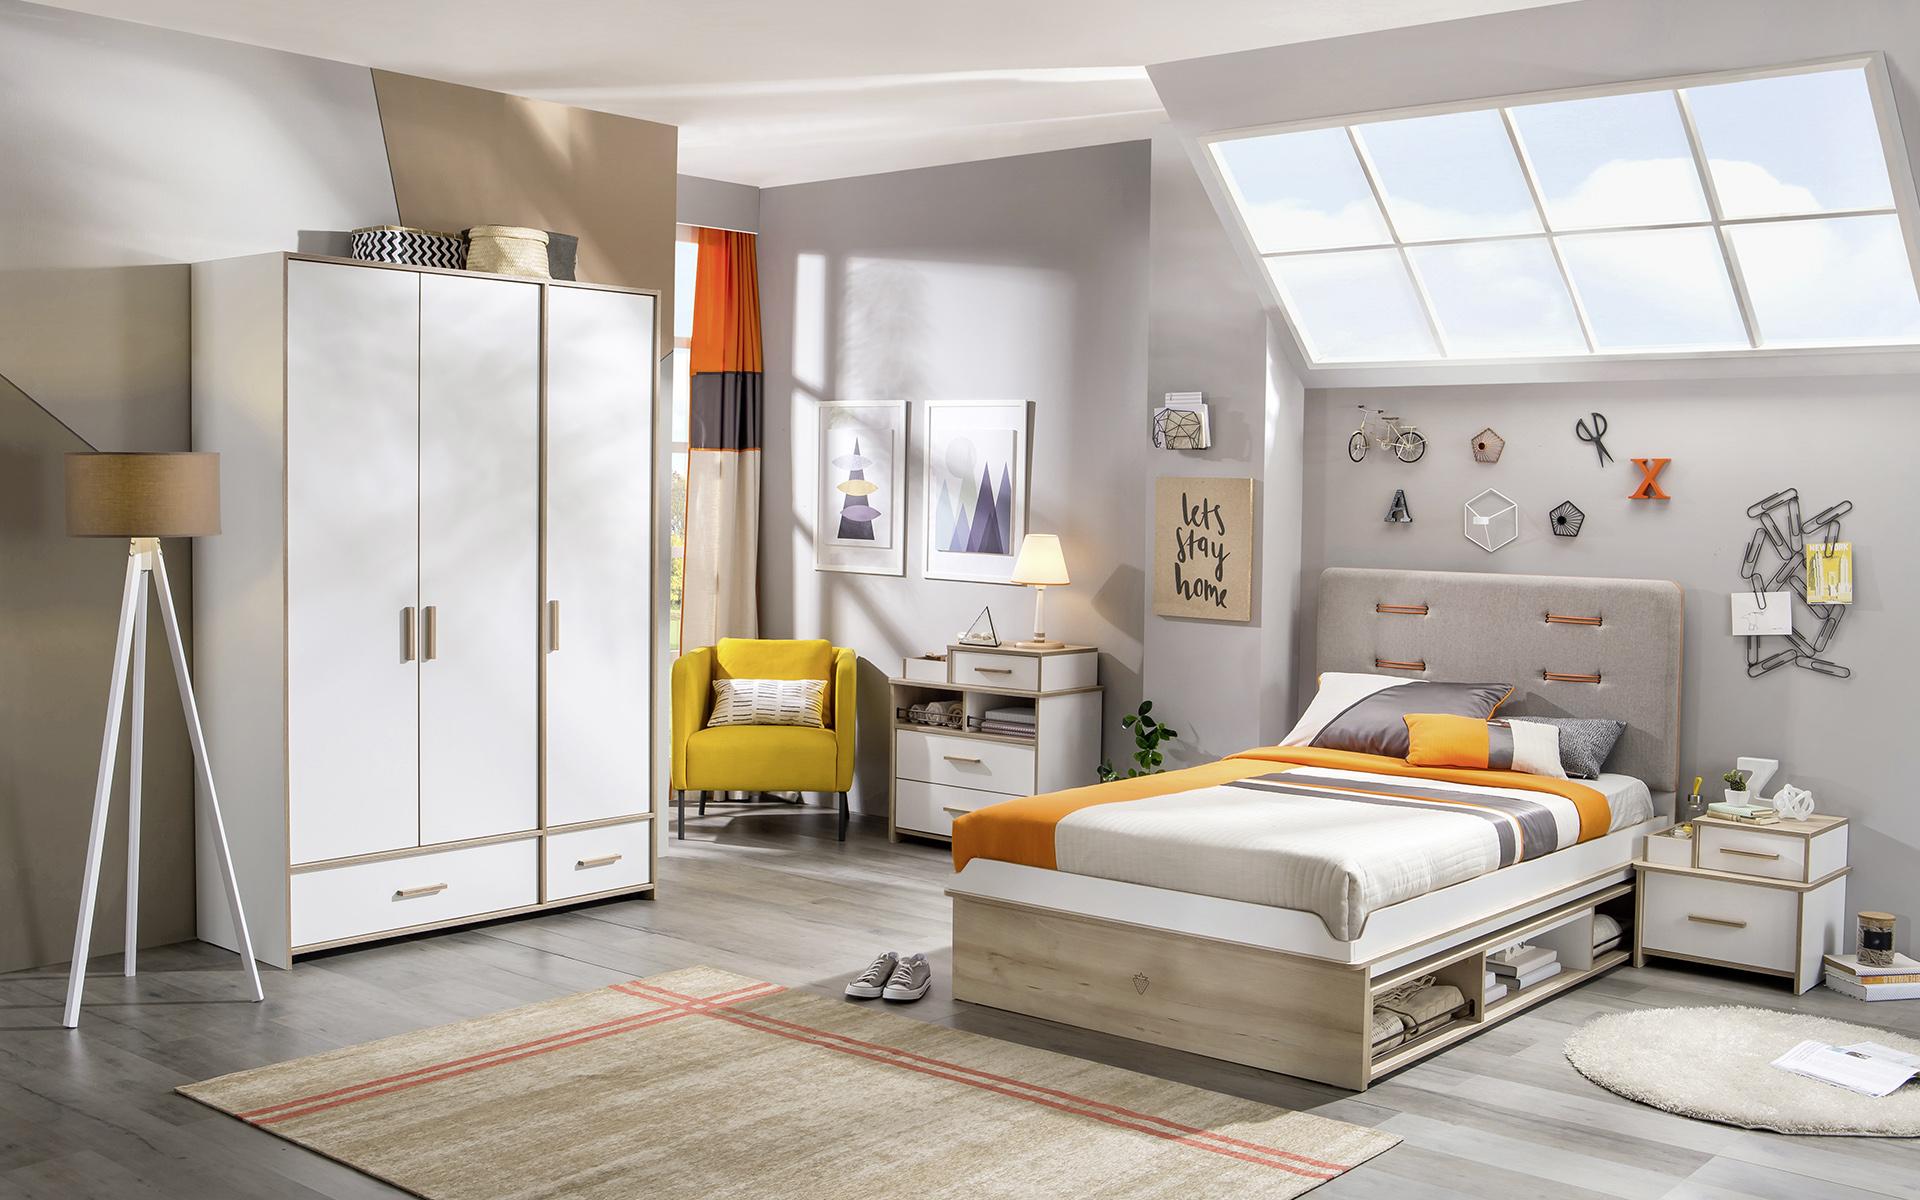 87ed94dbbcbb Detská izba v podkroví - Hezký detský nábytok